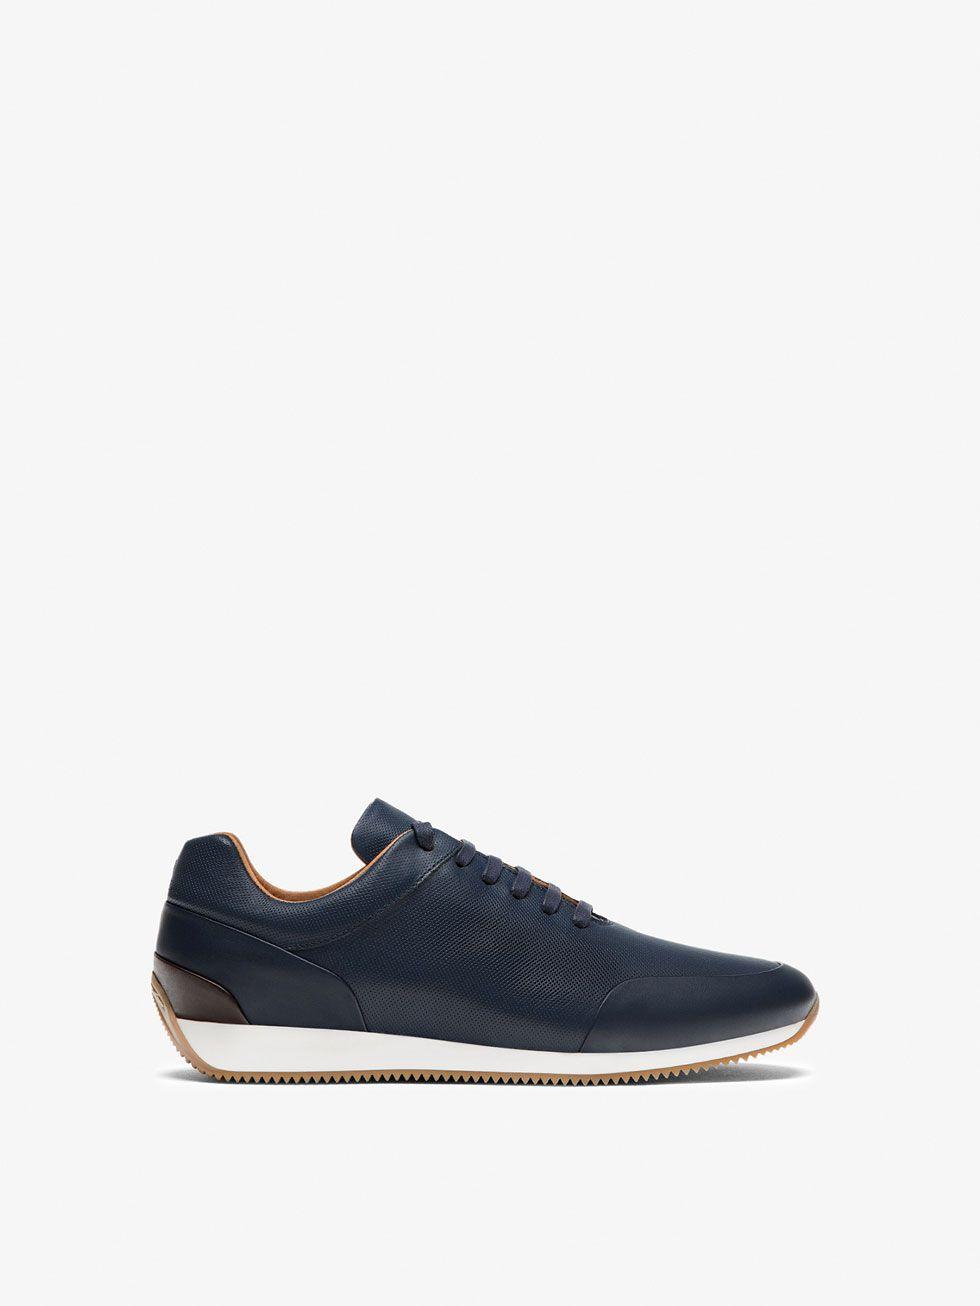 Los zapatos de hombre más exclusivos en Massimo Dutti. Encuentre botas,  botines, mocasines, tenis o zapatos de piel en las rebajas de invierno.